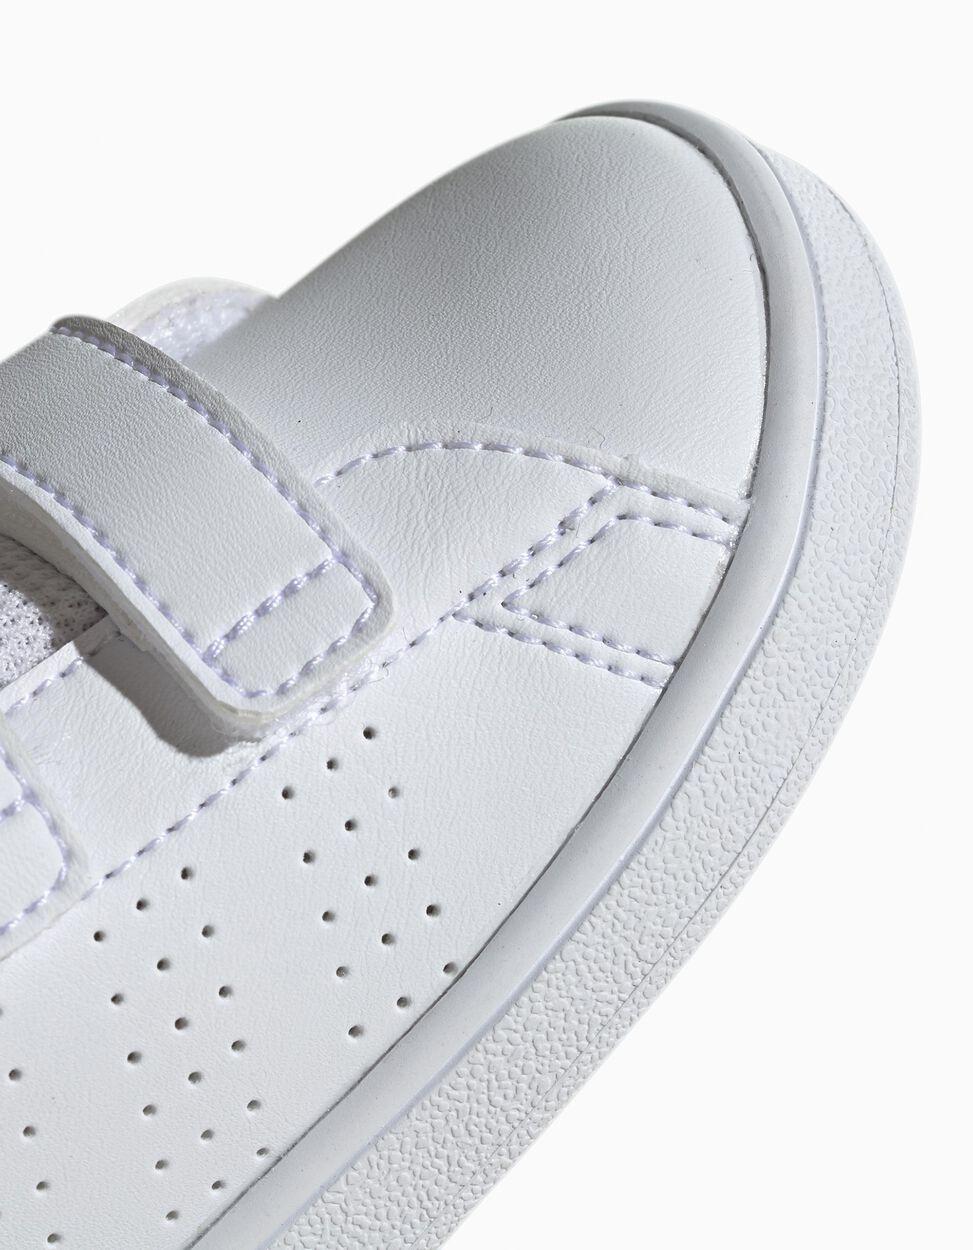 Sapatilha Adidas Advantage C com velcro duplo e pormenor de listas perfuradas